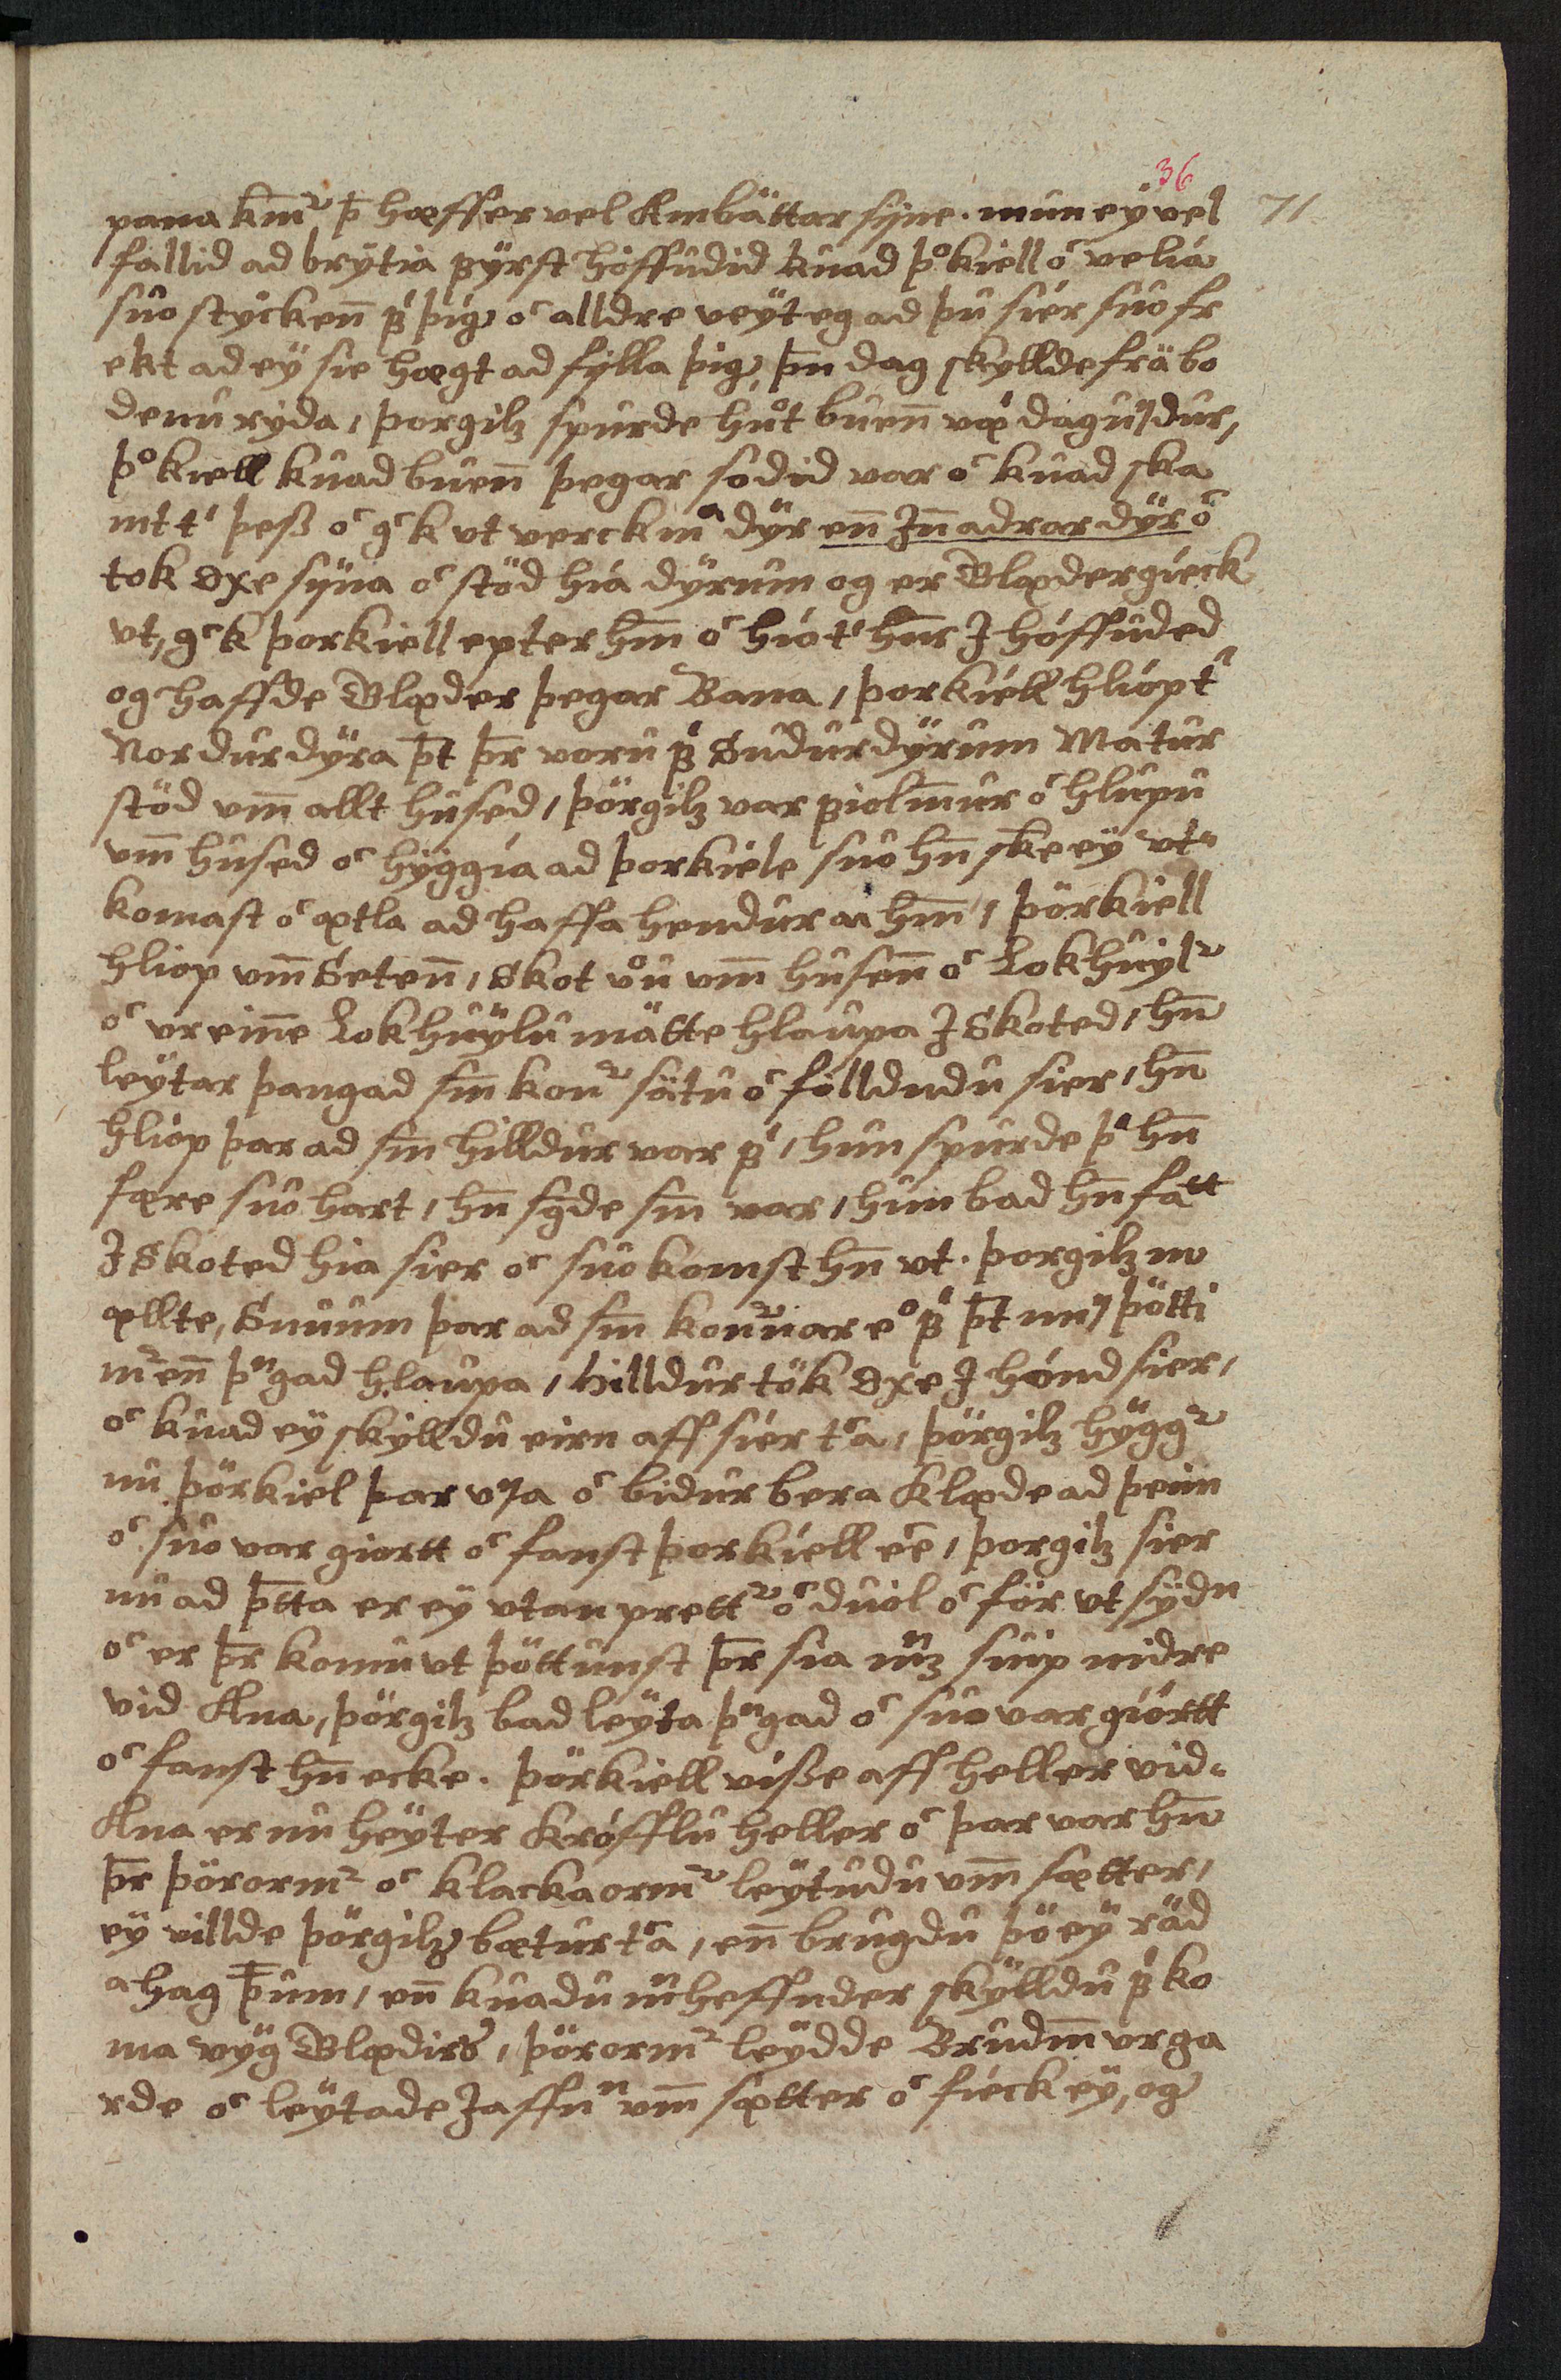 AM 138 fol - 36r